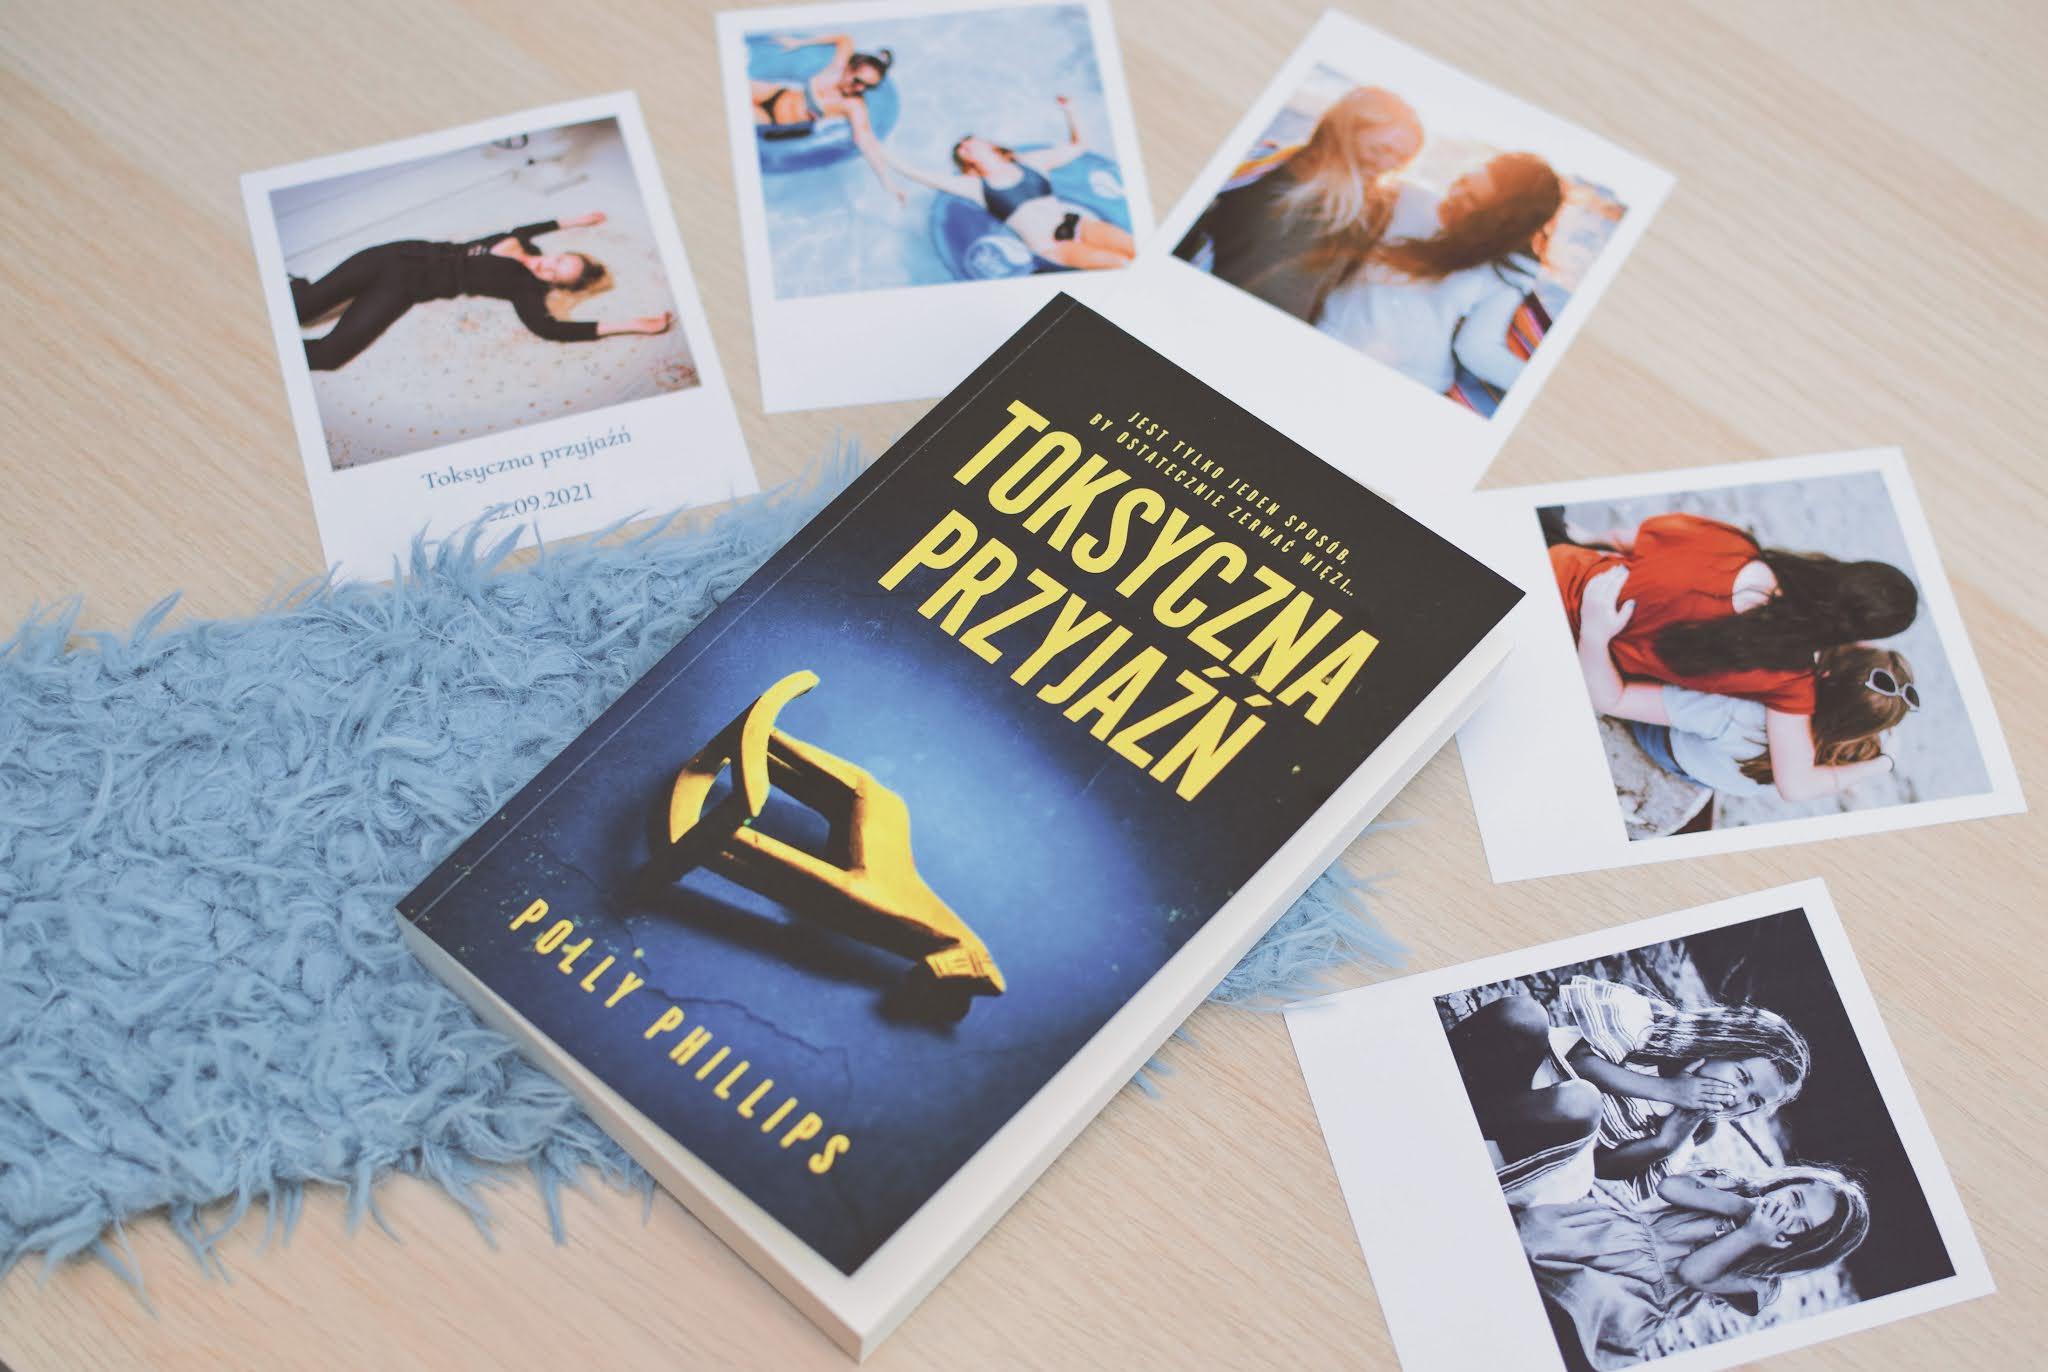 ToksycznaPrzyjaźń, PollyPhillips,recenzja,opowiadanie,premiera,przedpremierowo,thriller,thrillerpsychologiczny,WydawnictwoMuza,przyjaźń,przyjaciółki,toksycznarelacja